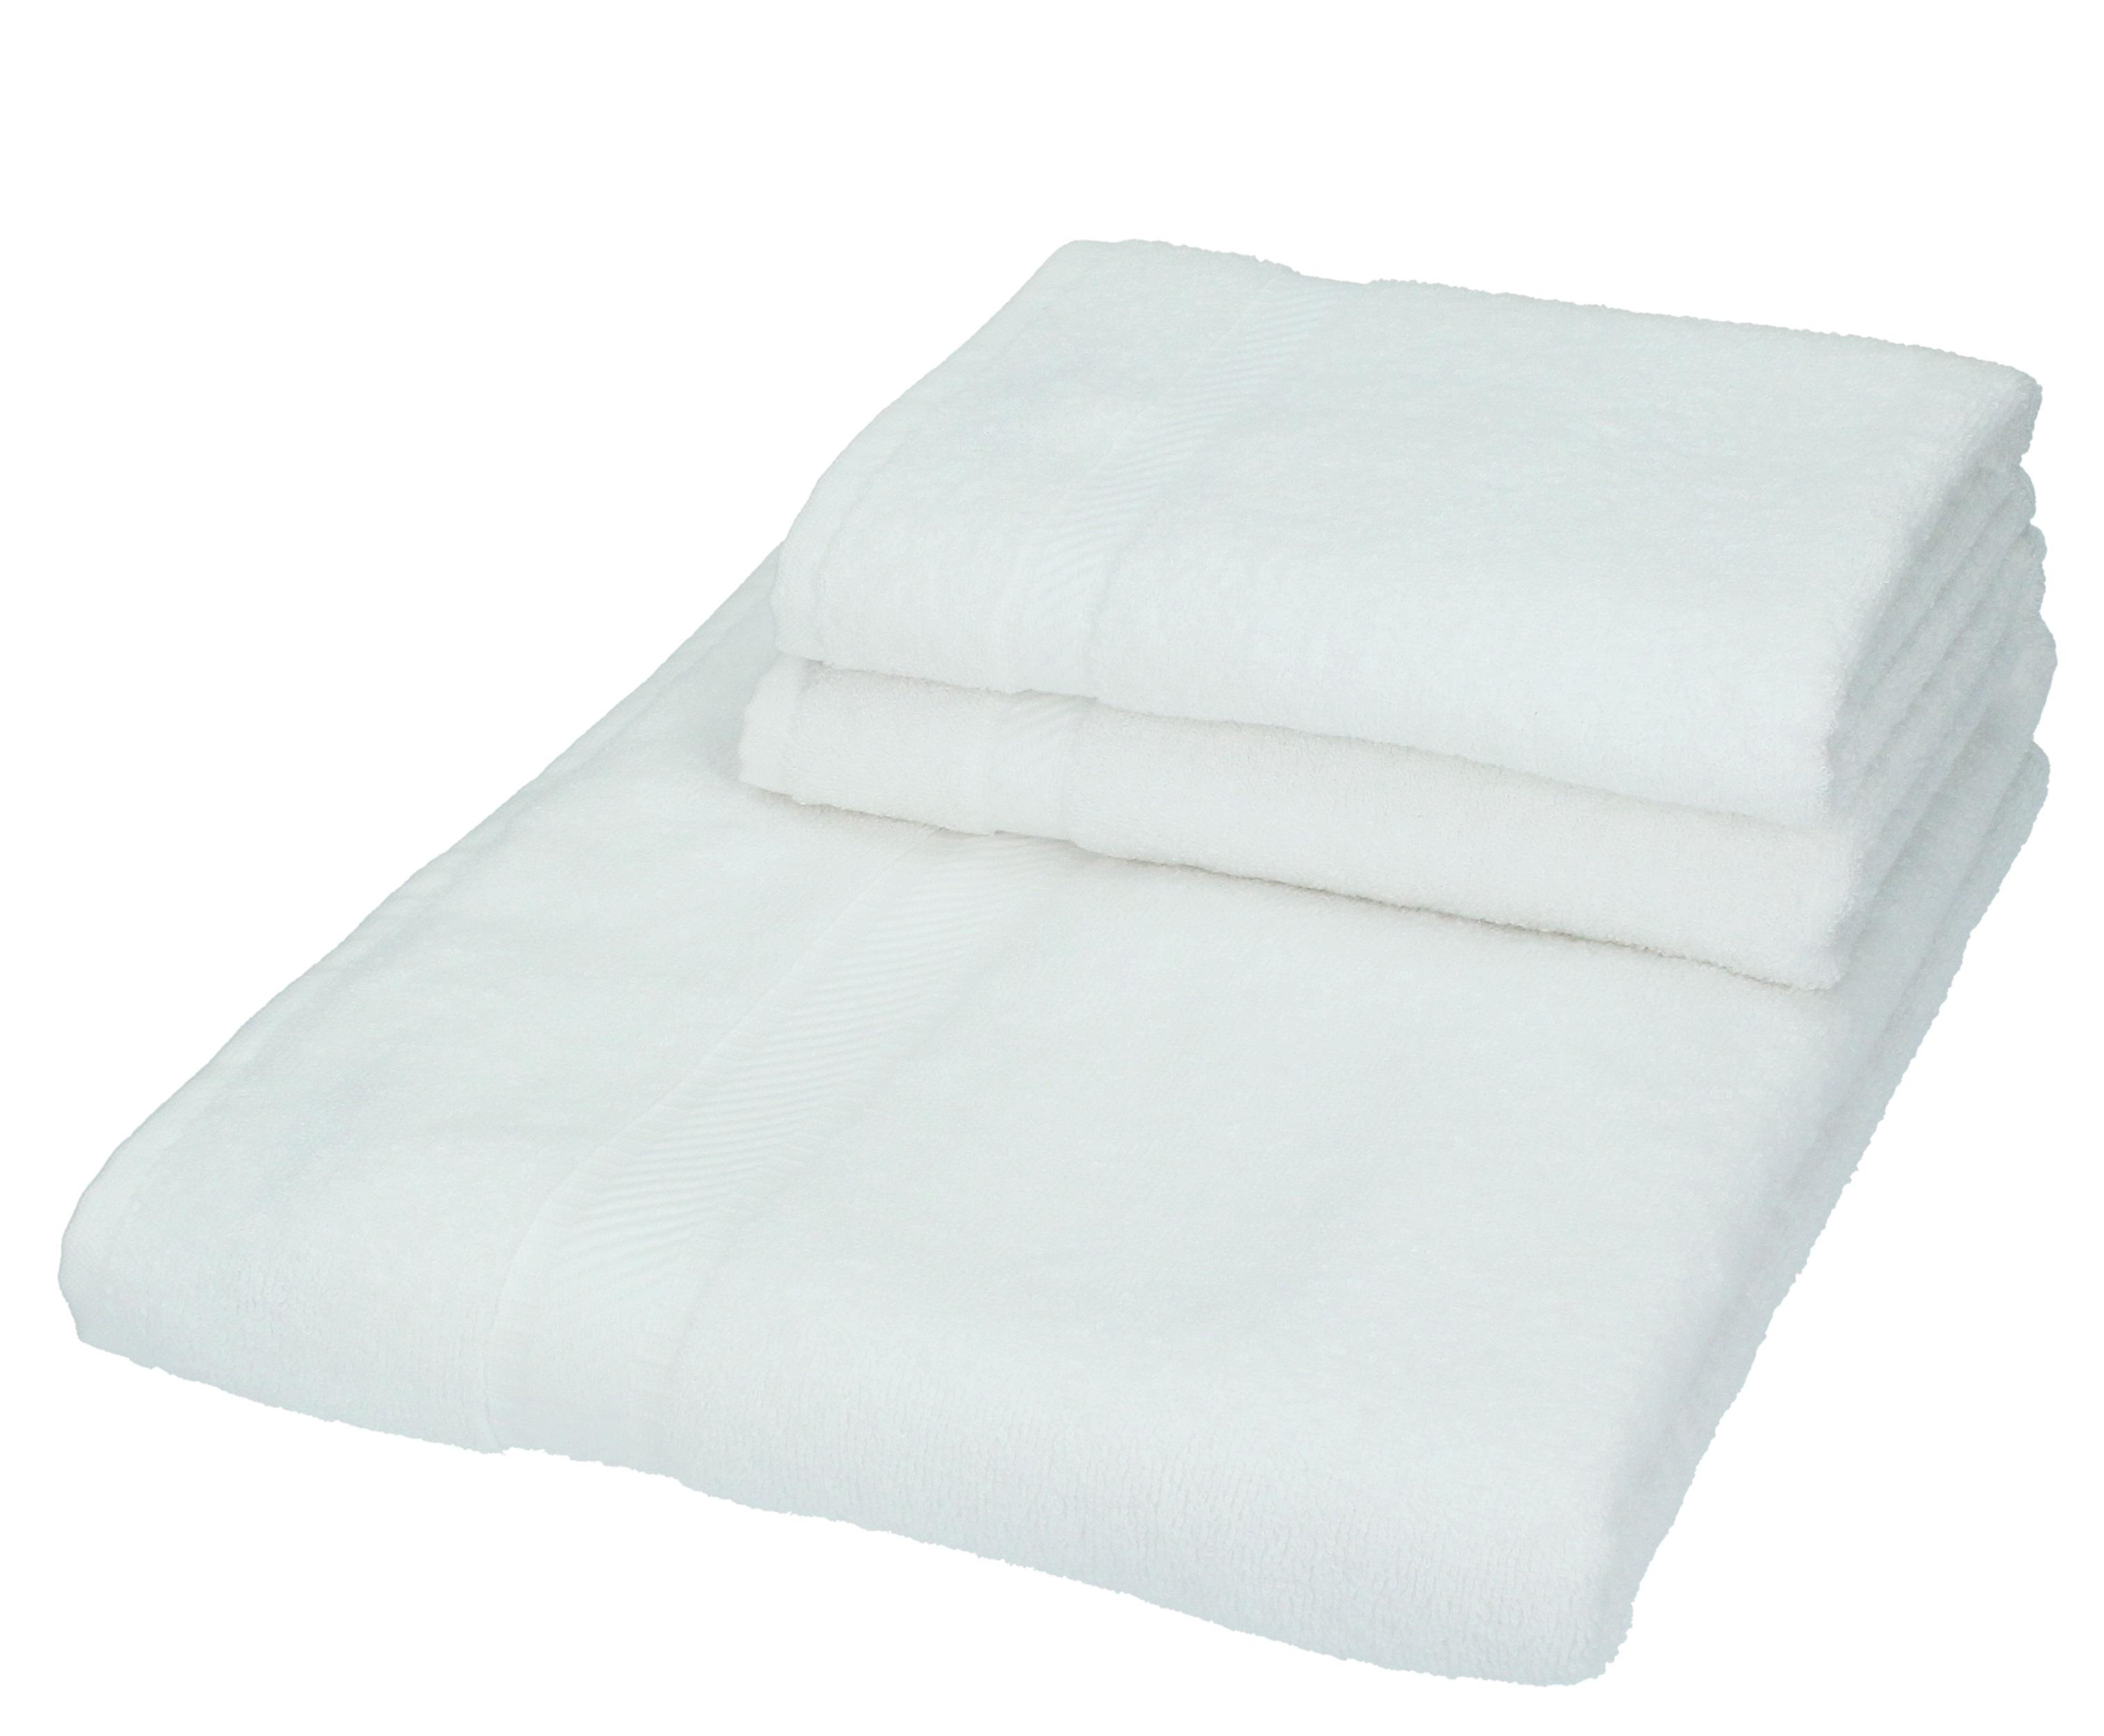 betz lot de 1 serviette sauna 2 serviettes de toilette palermo blanc ebay. Black Bedroom Furniture Sets. Home Design Ideas